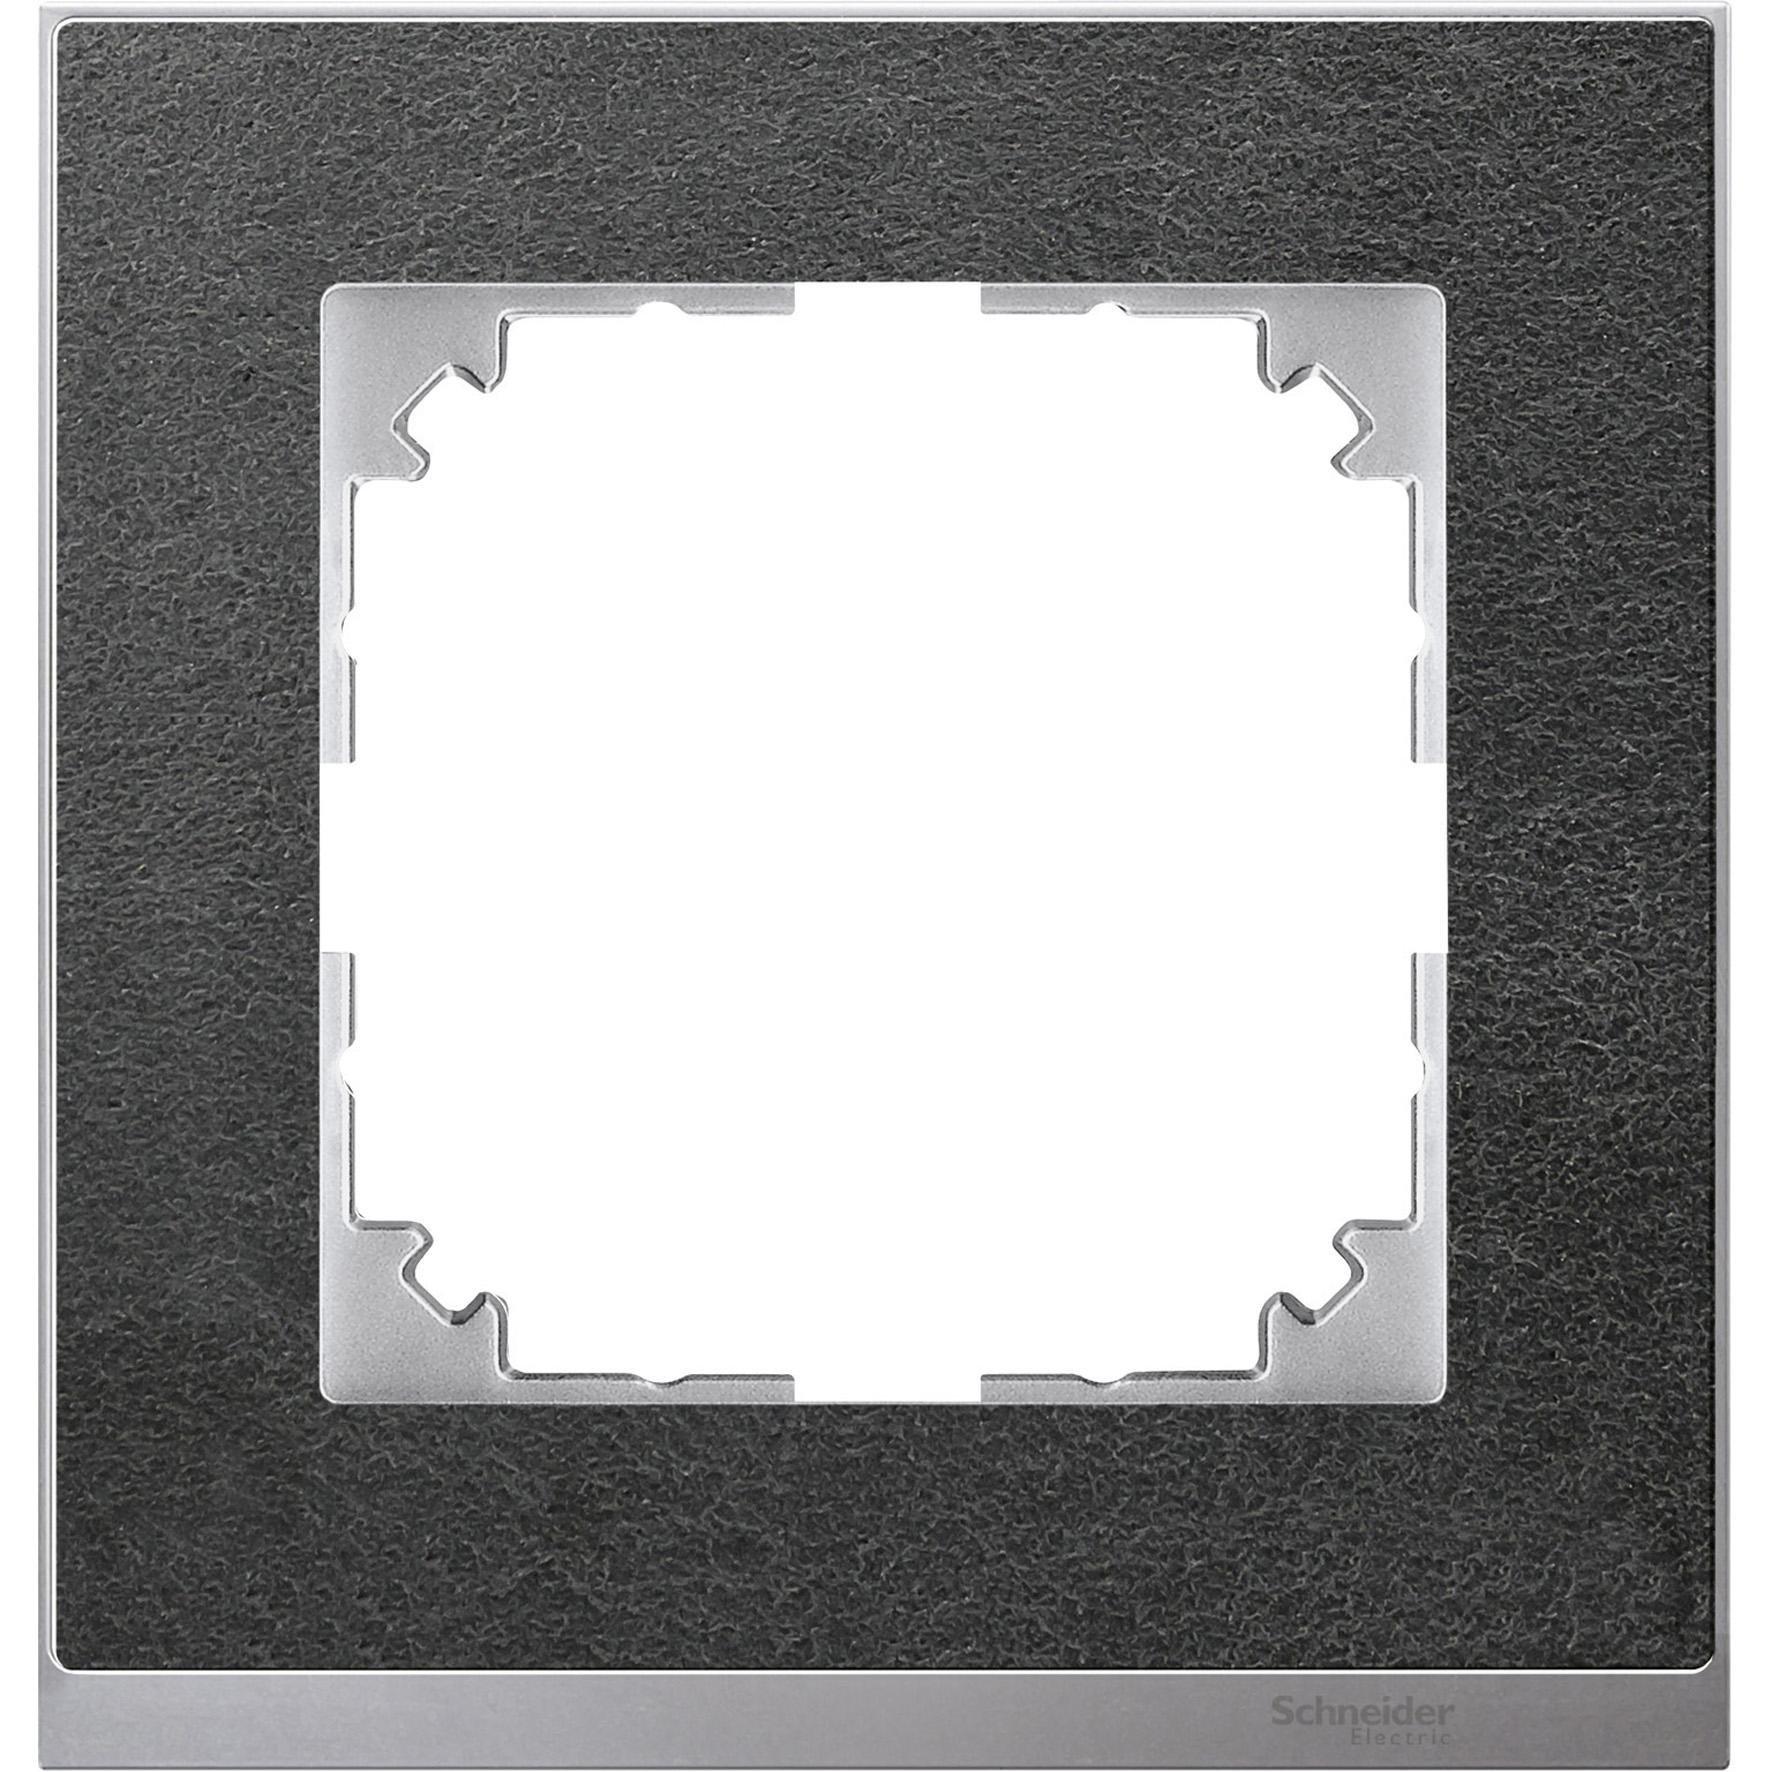 Schneider-Merten M-Pure Décor 1-voudig afdekraam - steen/aluminium (MTN4010-3669)